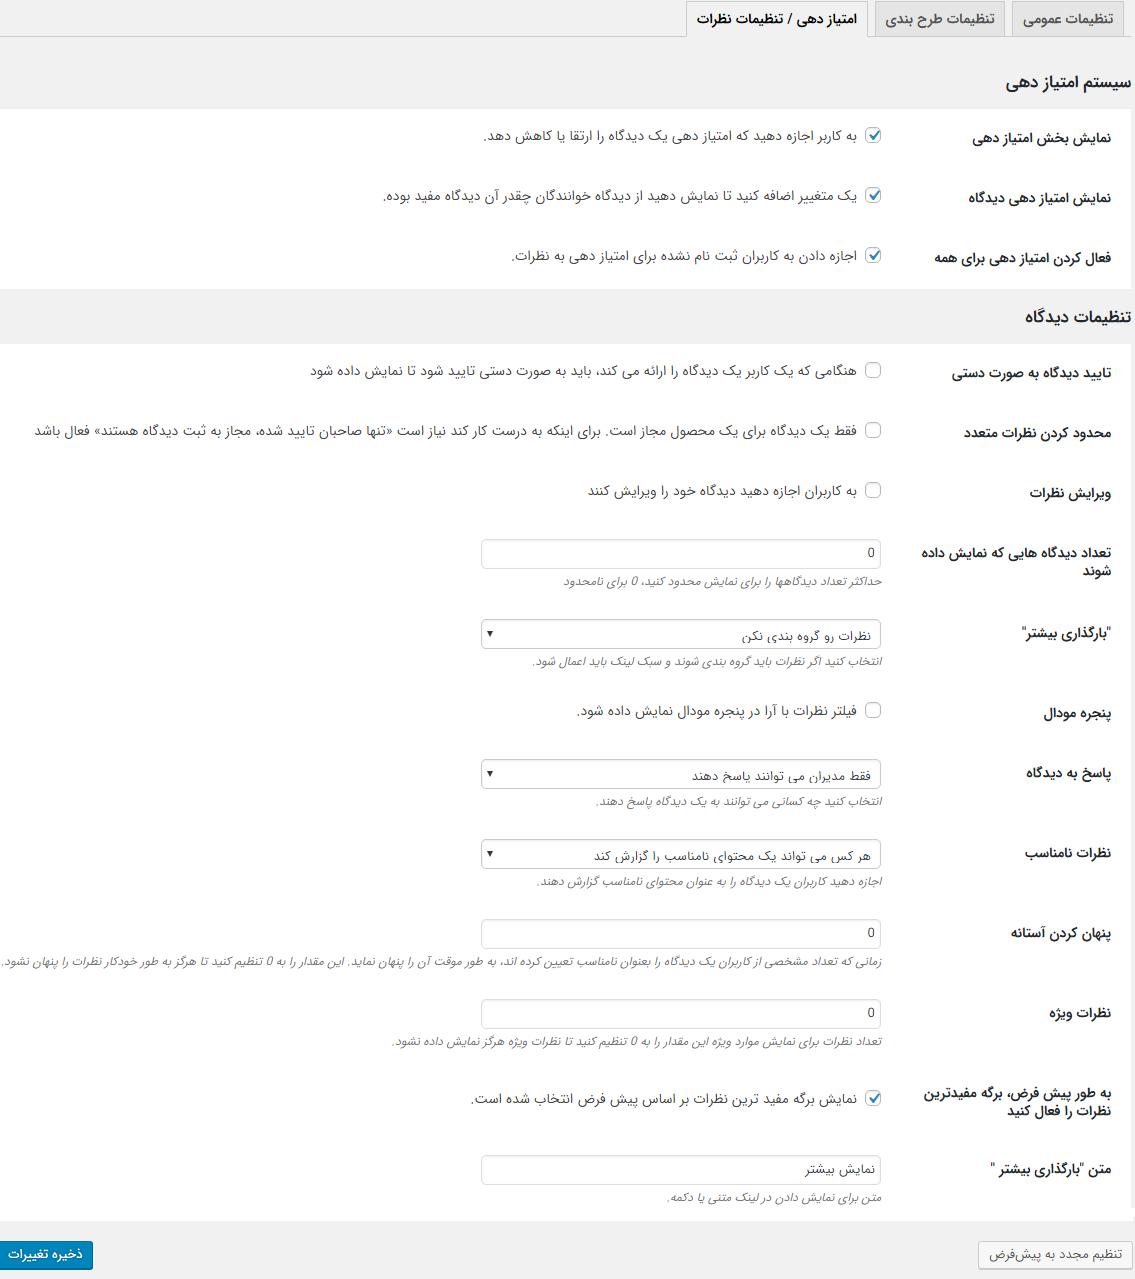 تنظیمات امتیاز دهی/نظرات افزونه مدیریت دیدگاه های ووکامرس